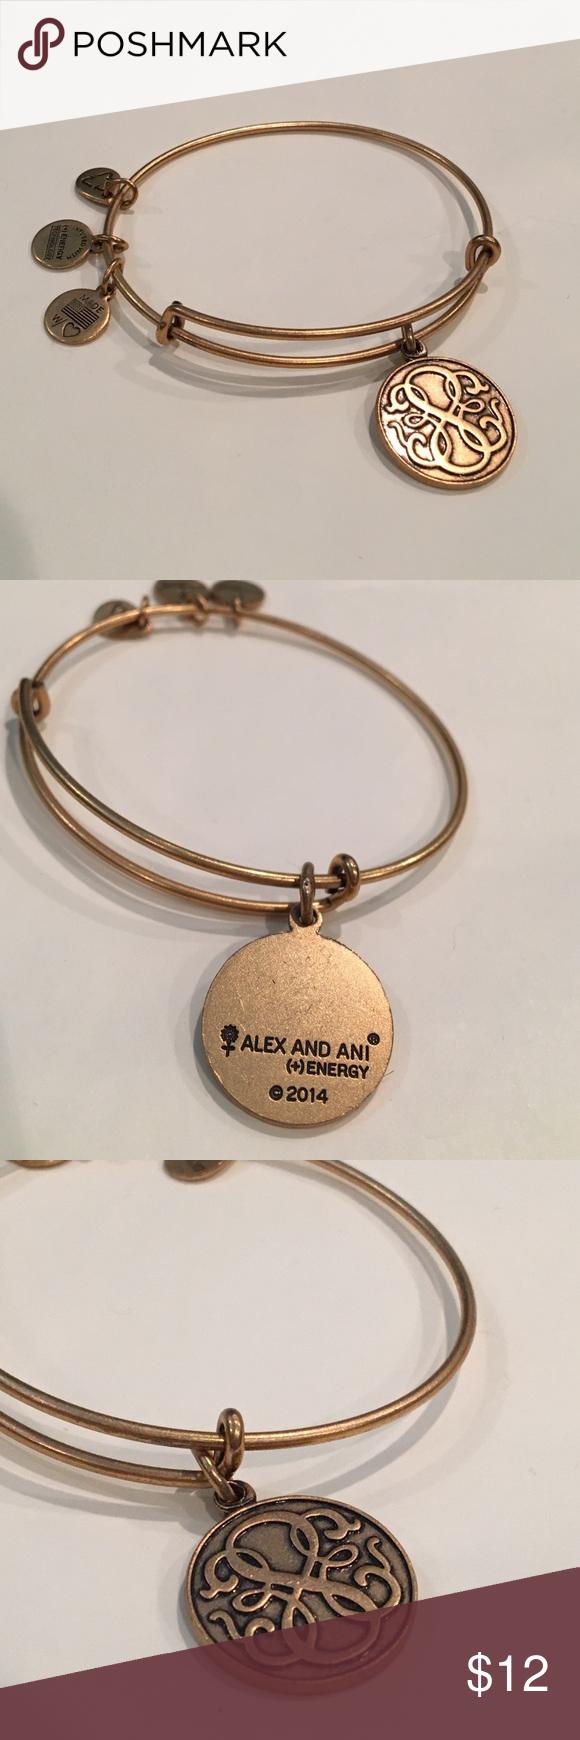 Alex And Ani Bracelet Annie Only Worn A Few Times Jewelry Bracelets